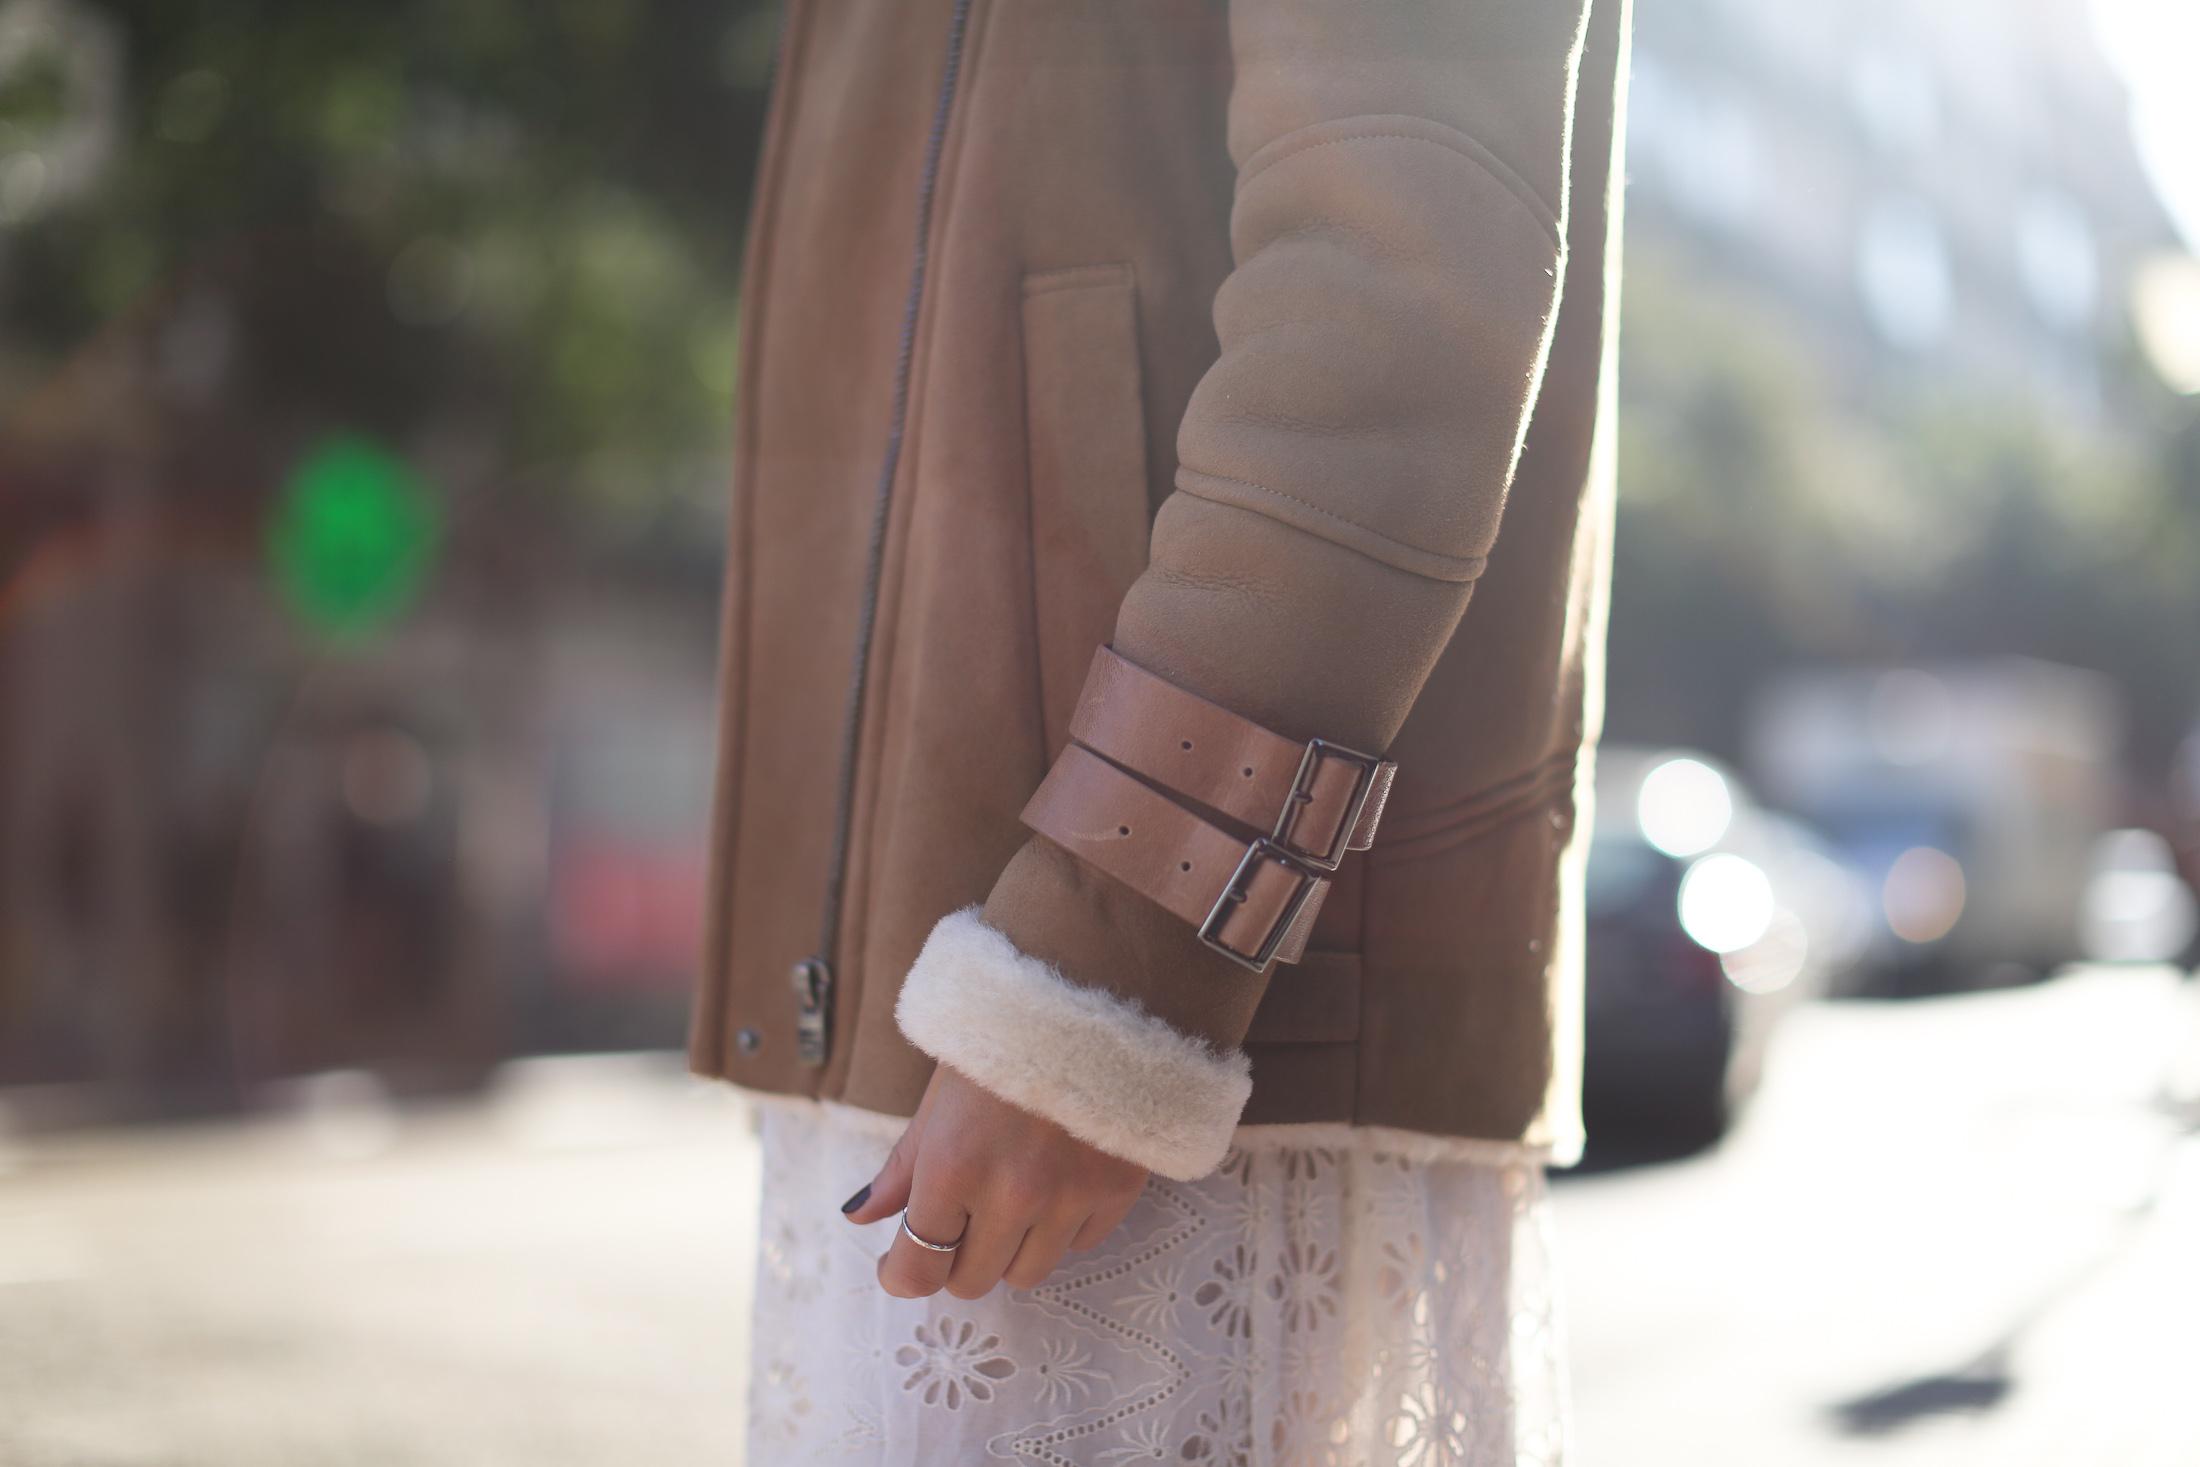 Clochet_streetstyle_mango_shearling_aviator_coat_adidas_samba_leztinstreet-10